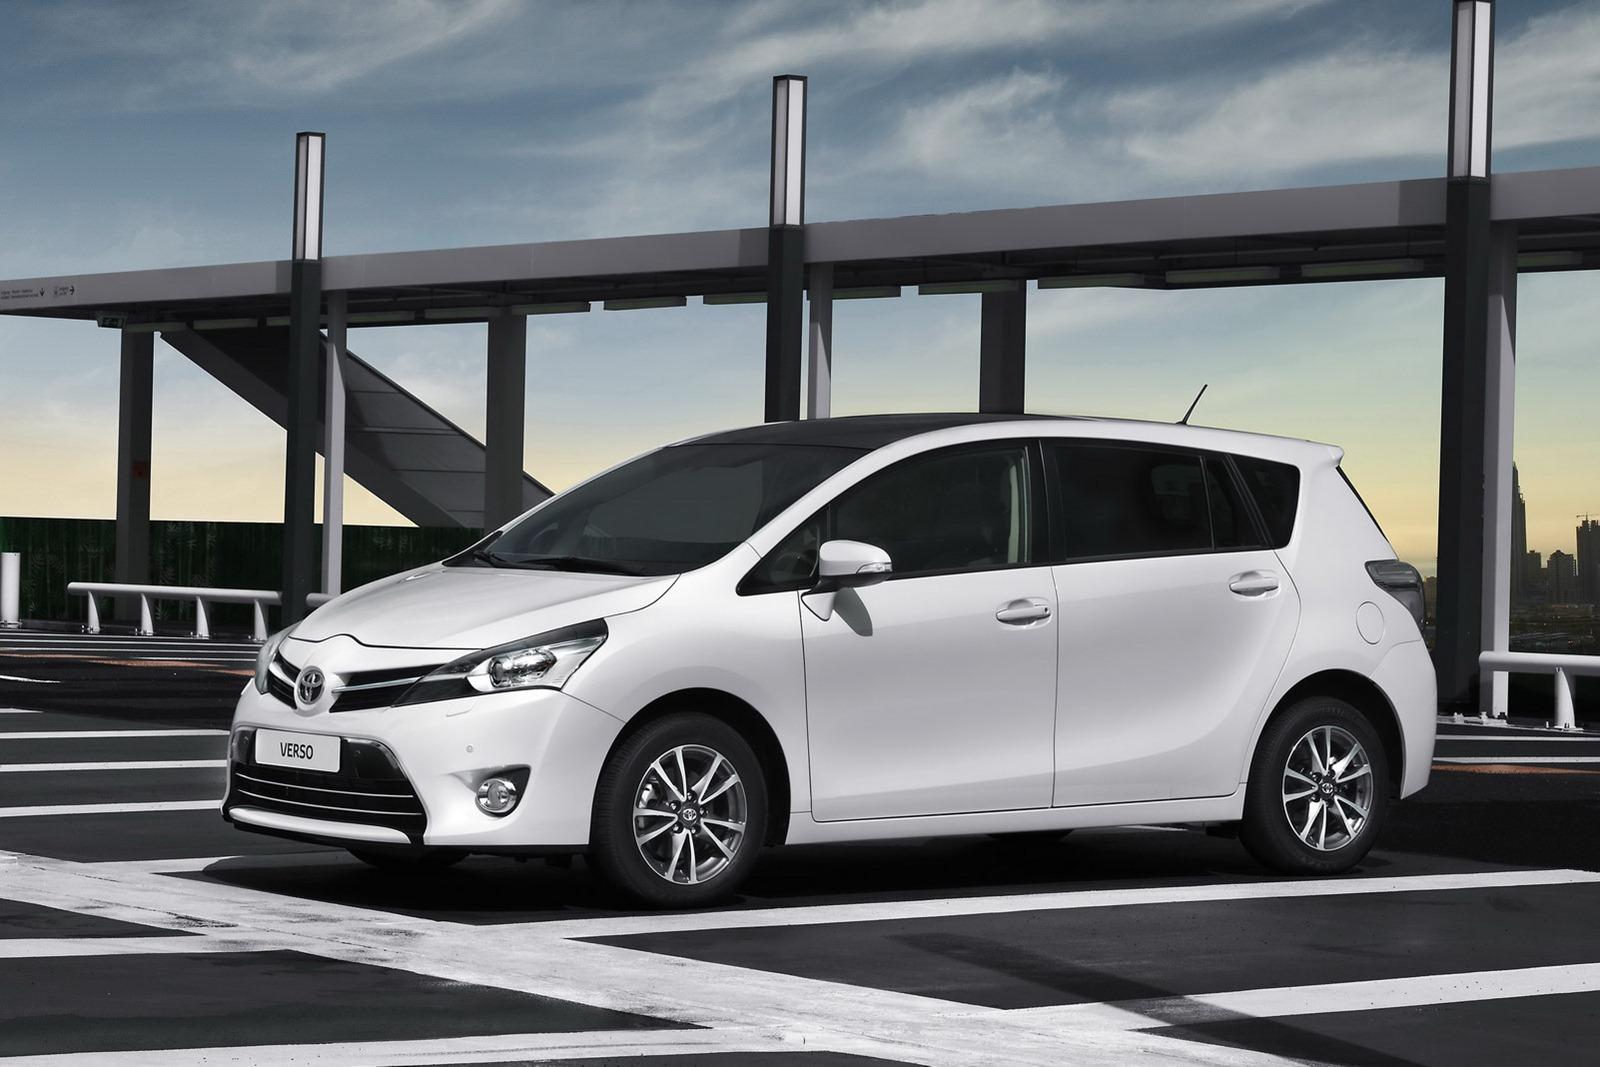 Corolla S 2017 >> 2013 Toyota Verso MPV Gets a Facelift - autoevolution